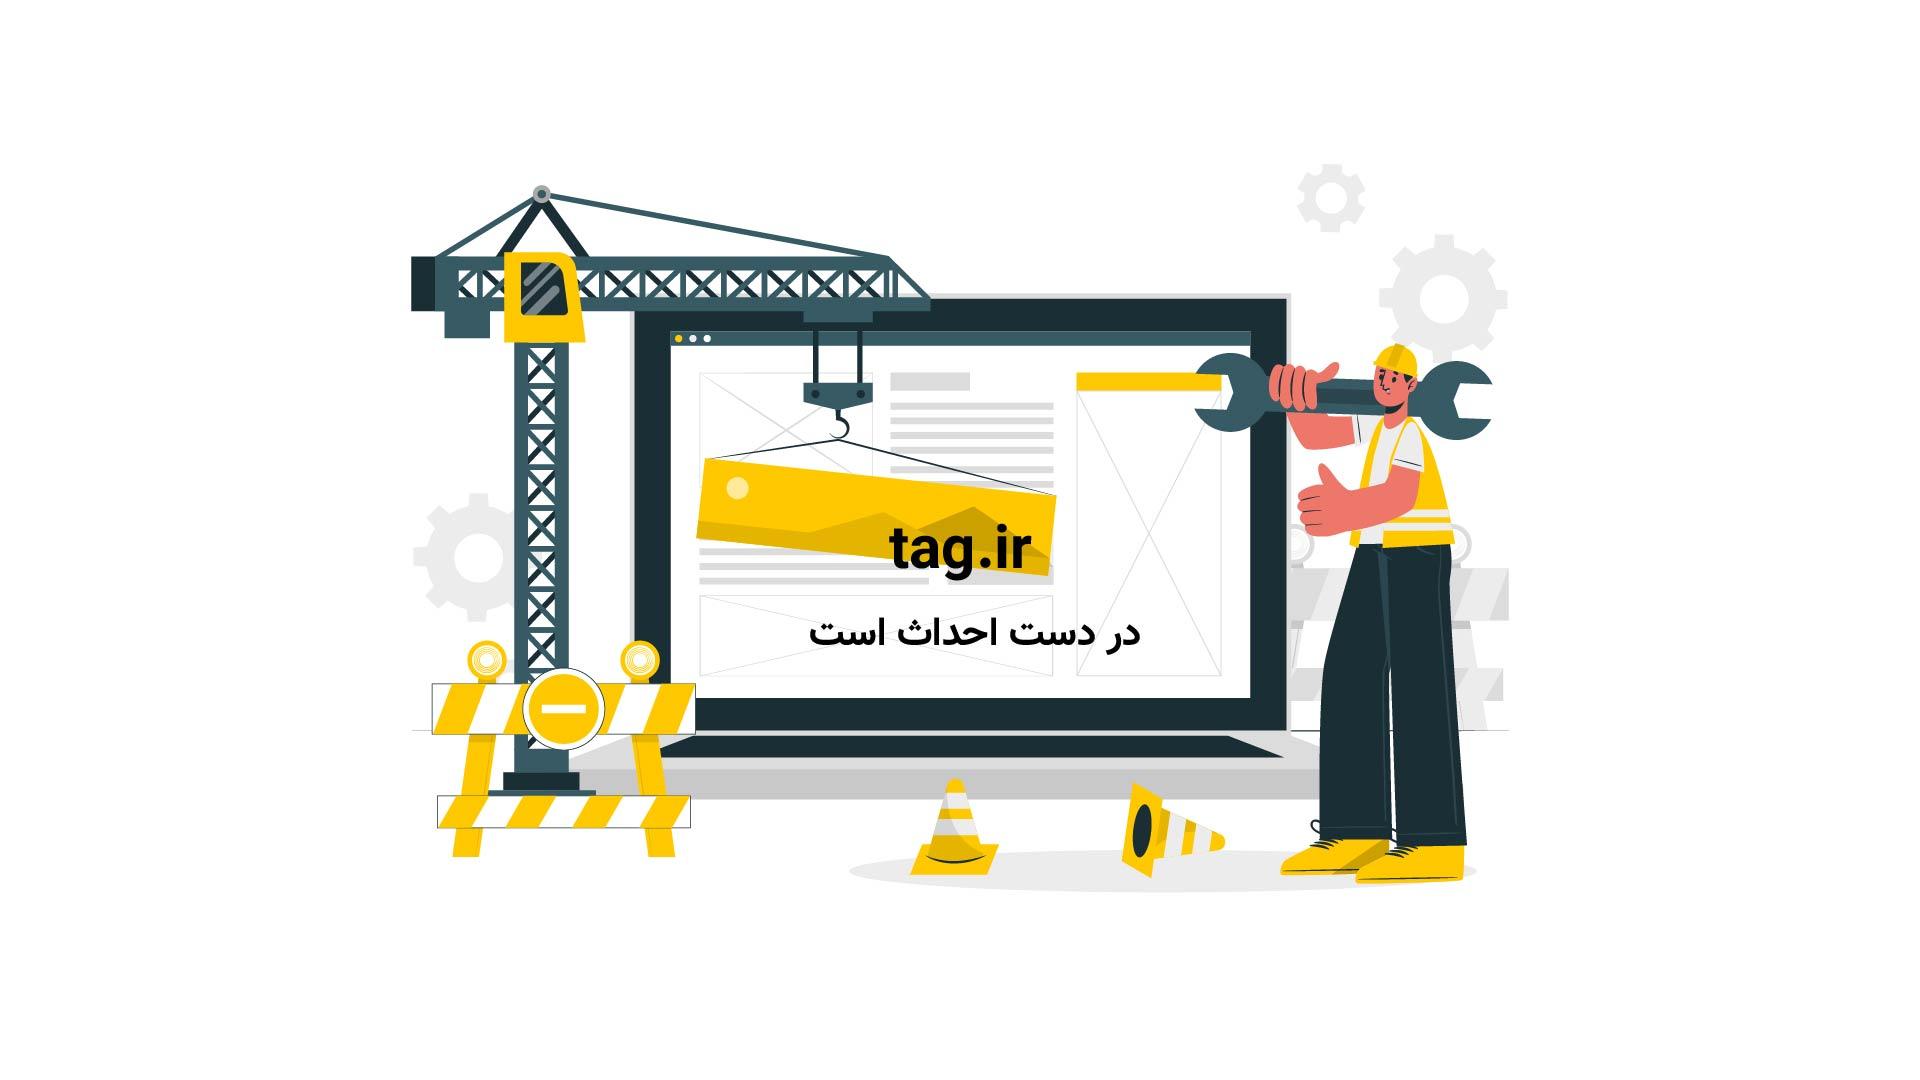 محمد رضا گلزار گیتار سریال عاشقانه ها | تگ